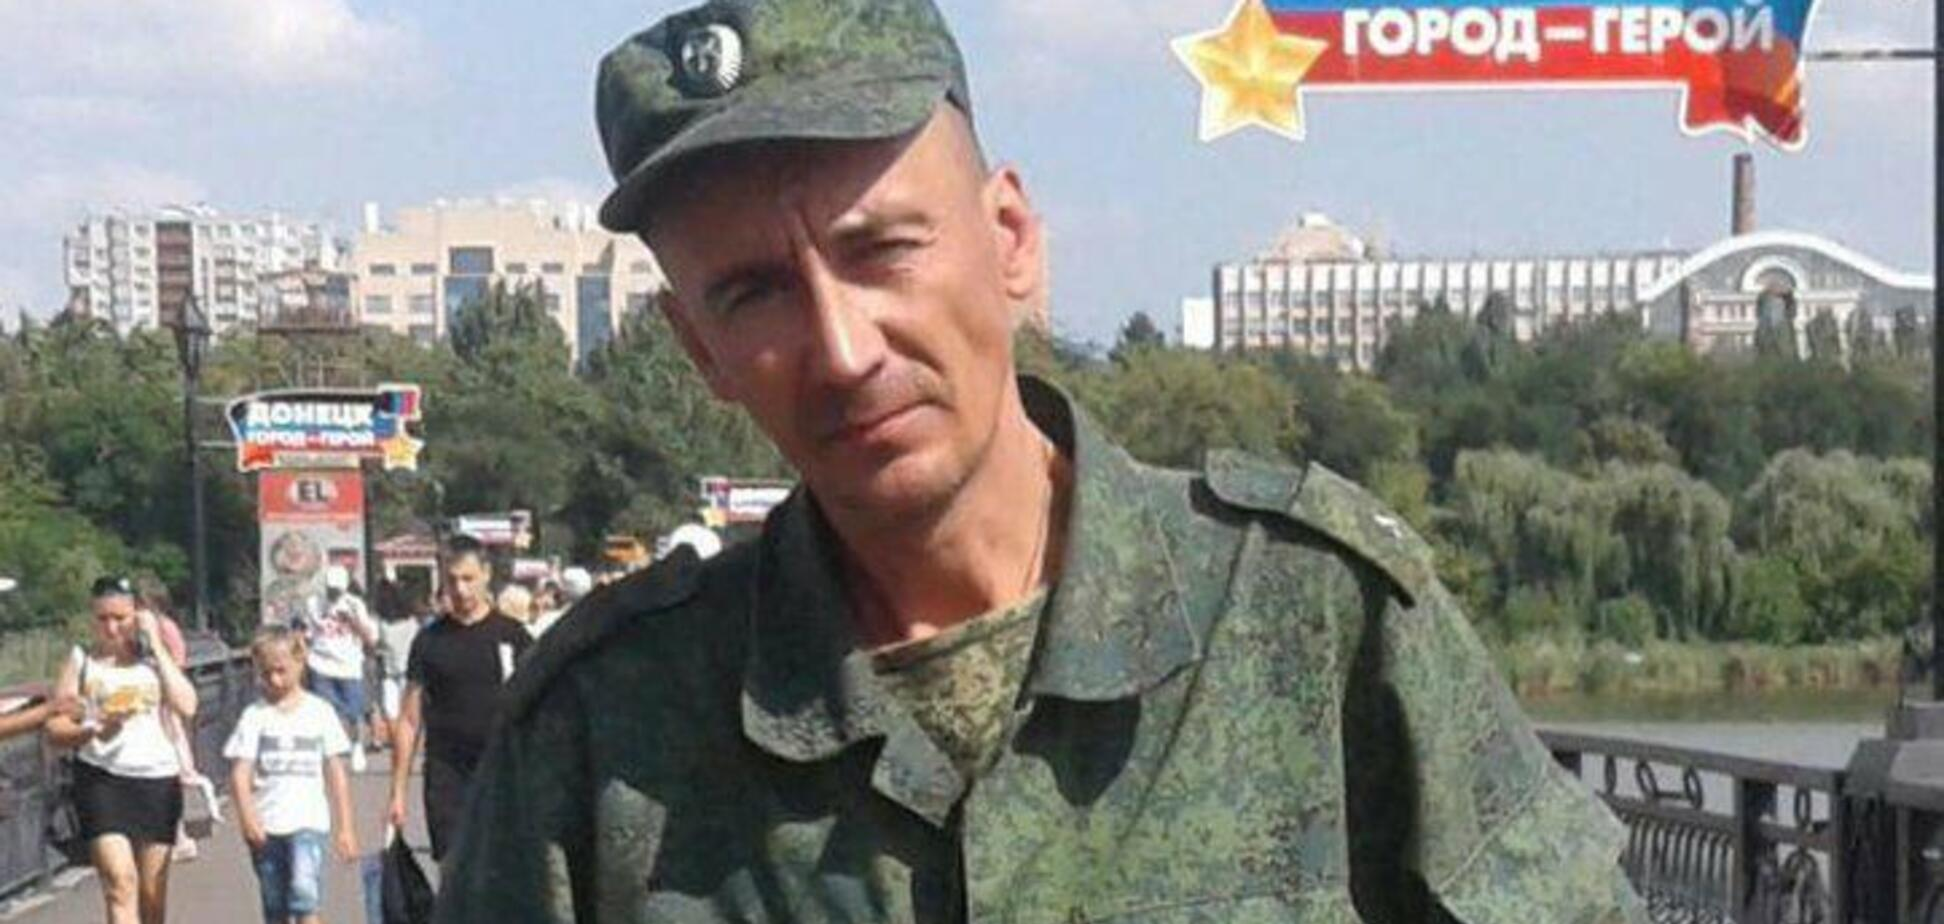 ЗСУ стоять! У мережі з'явилися фото вбитих на Донбасі терористів